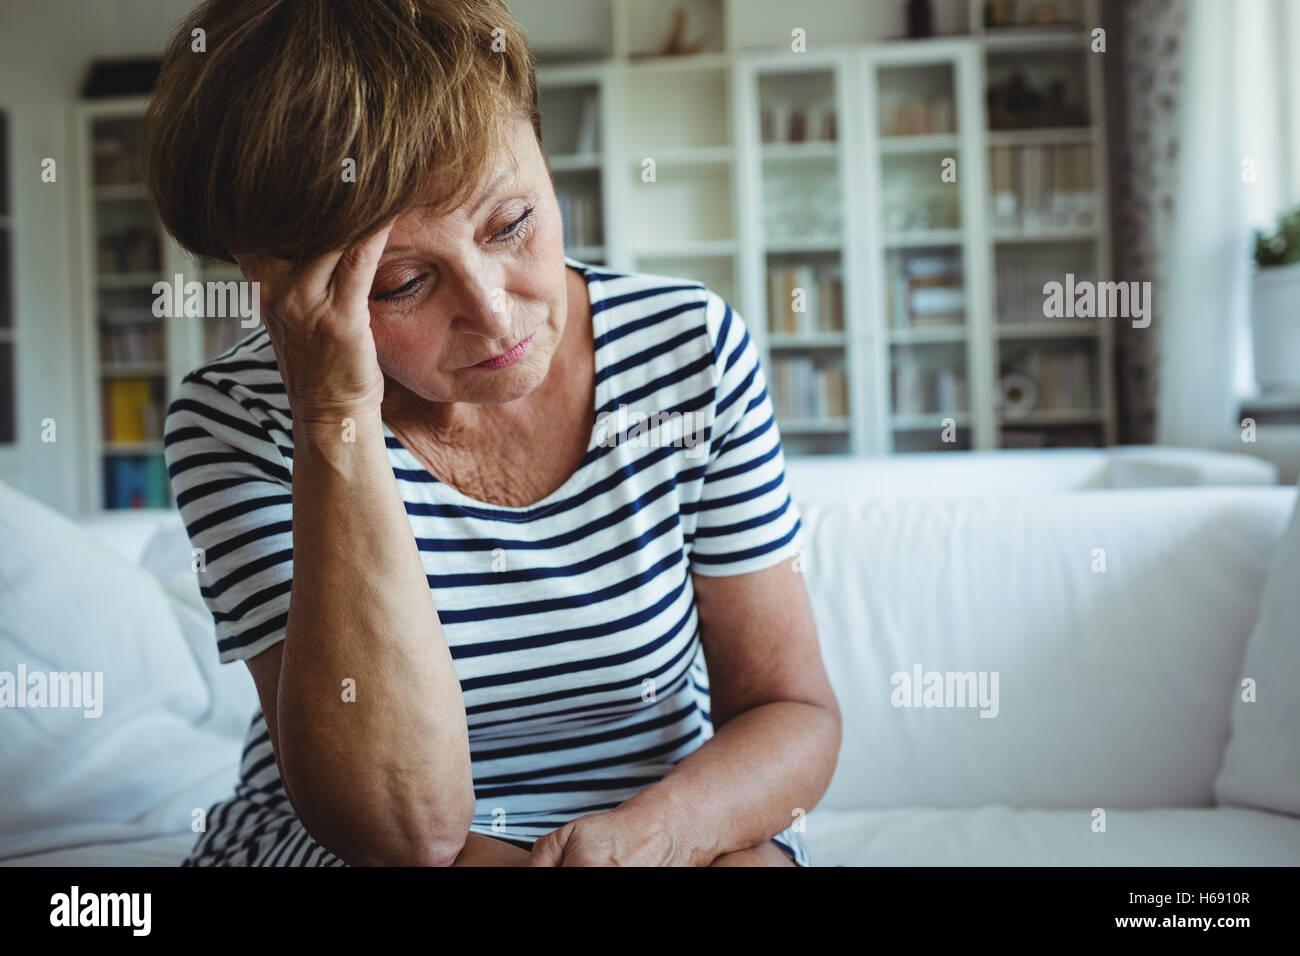 Tensa mujer sentada en un sofá en el salón Imagen De Stock